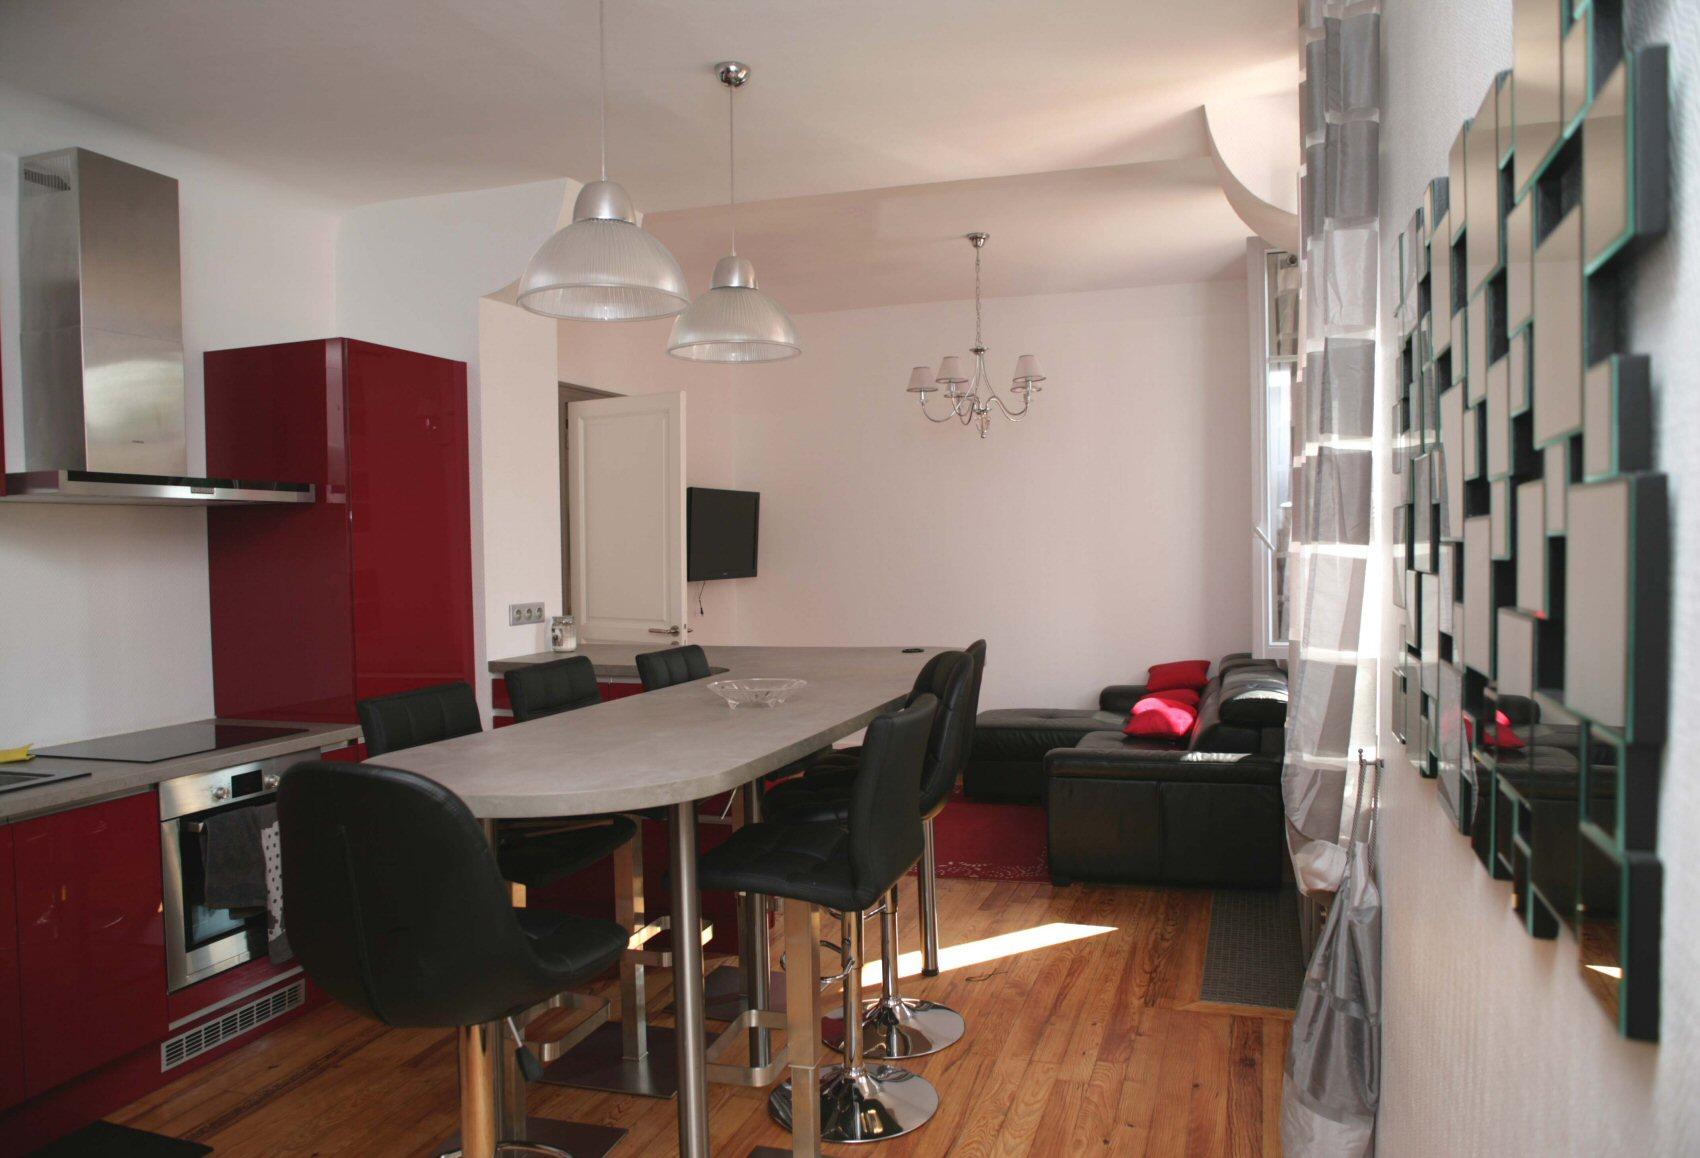 Cabinet architecte Ritondo Pau : Décoration et aménagements d4un appartement à Biarritz - 64